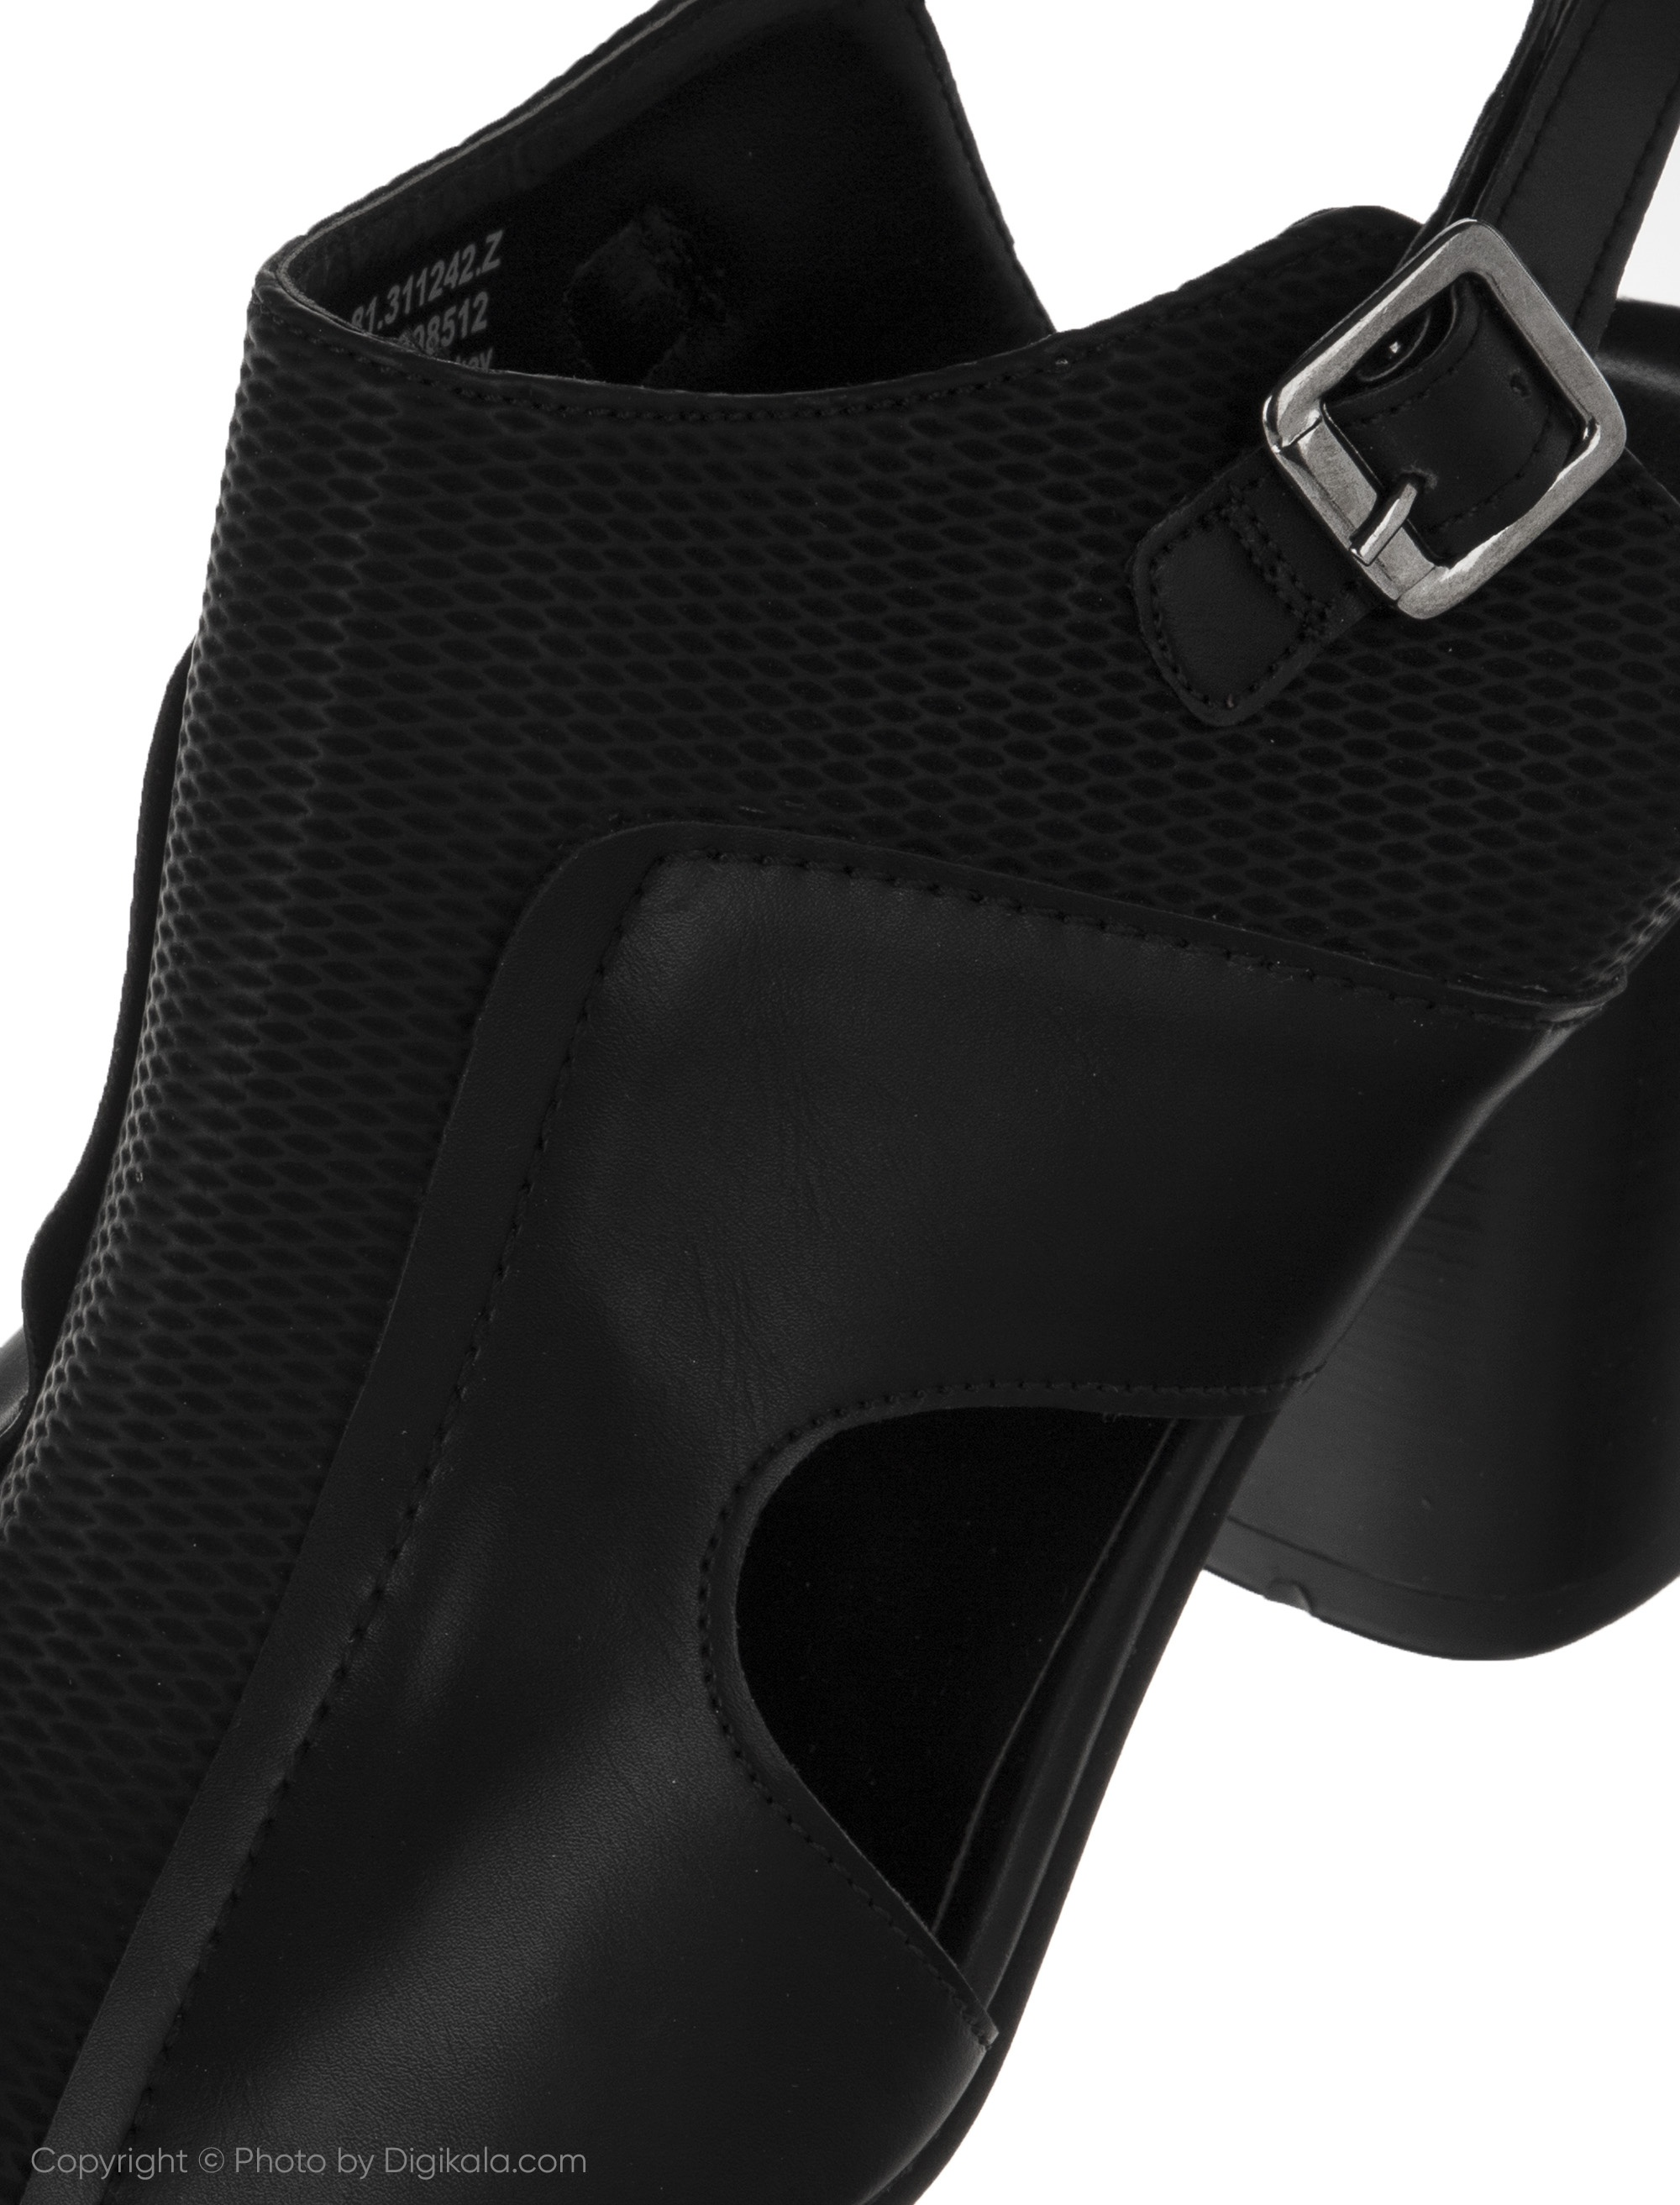 کفش نه پولاریس مدل 100298512-101